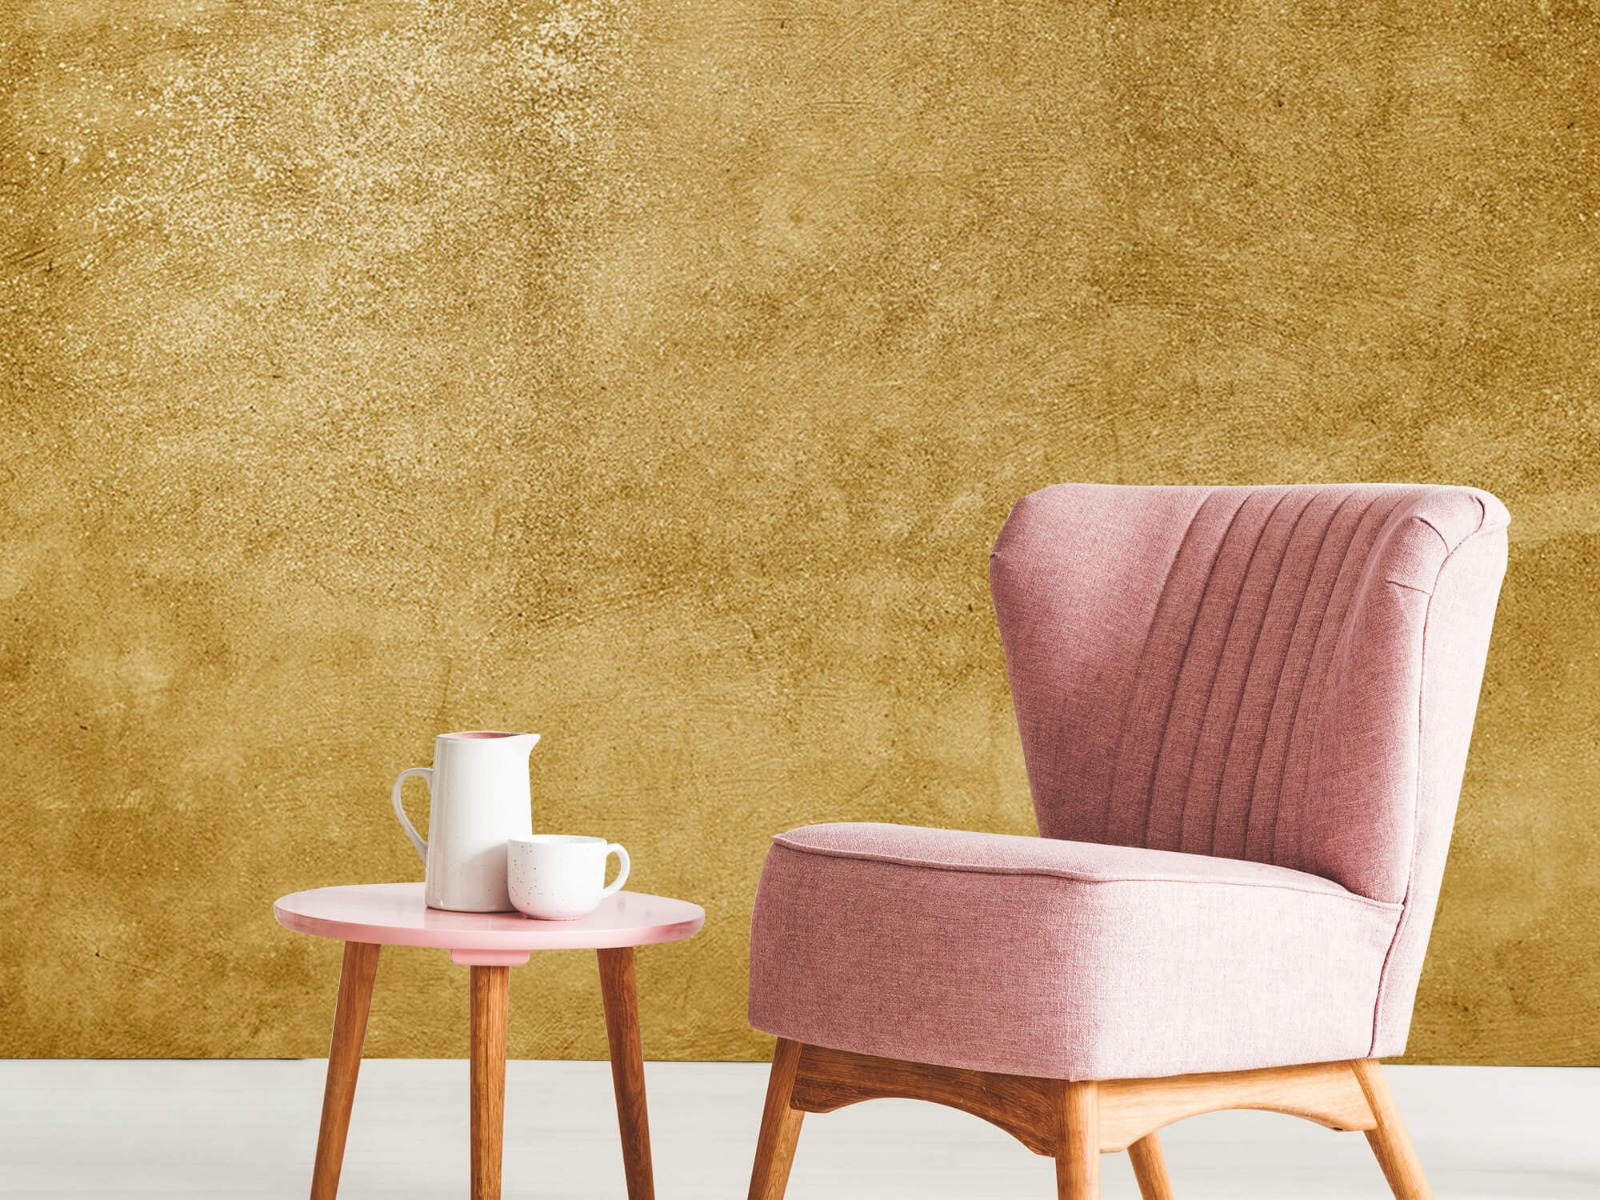 Betonoptik Tapete - Ockerhaltiger gelber Beton auf Fototapete - Wohnzimmer 9